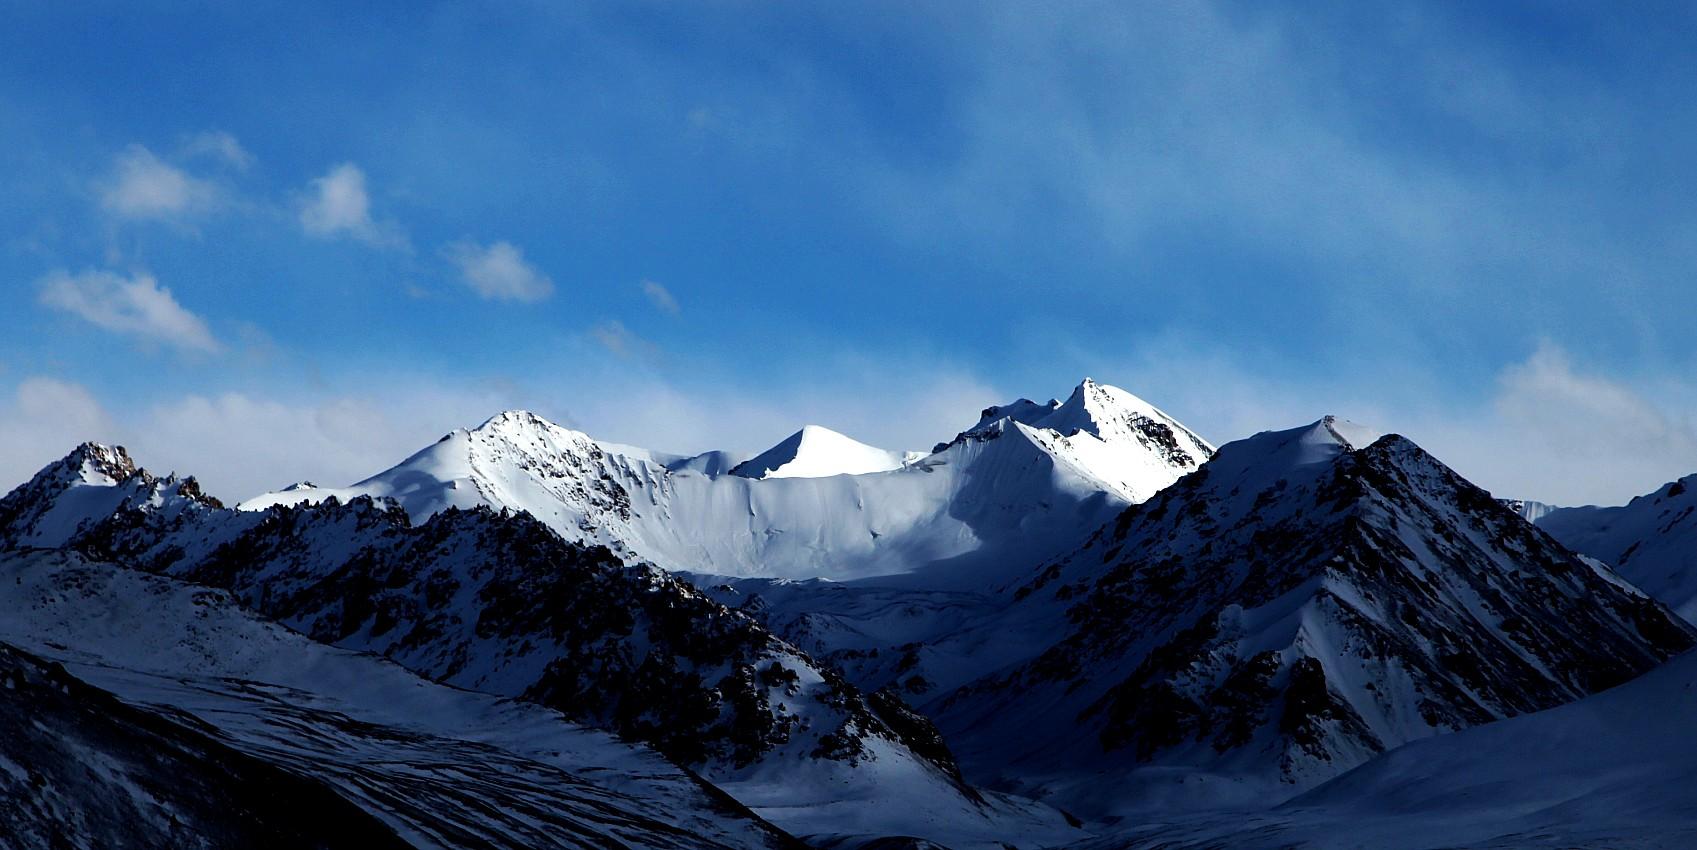 摄影论坛 69 数码摄影论坛作品专区 69 自然风景 69 雪域高原